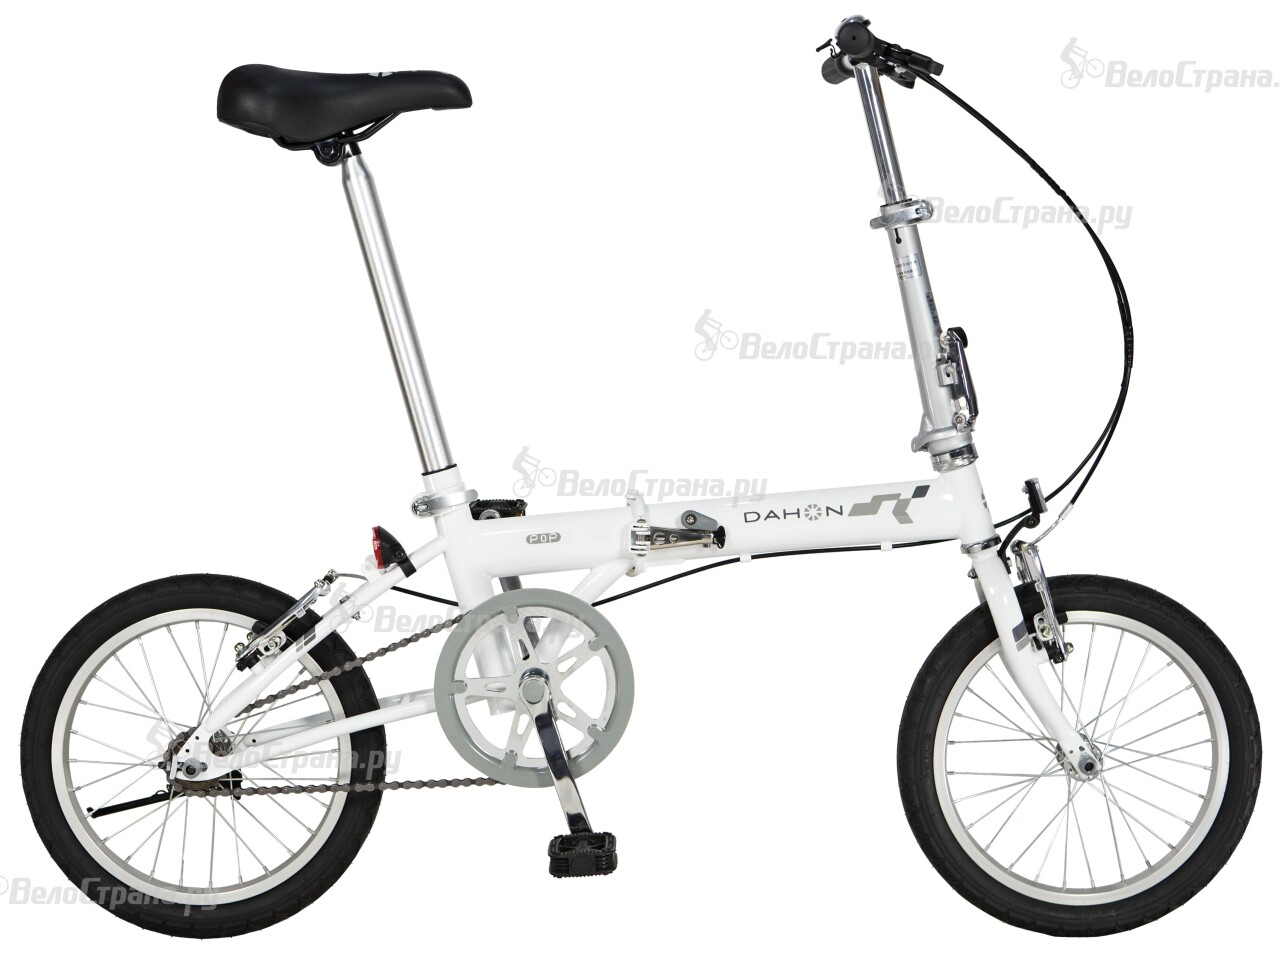 Велосипед Dahon POP Uno (2015) велосипед dahon speed d7 2015